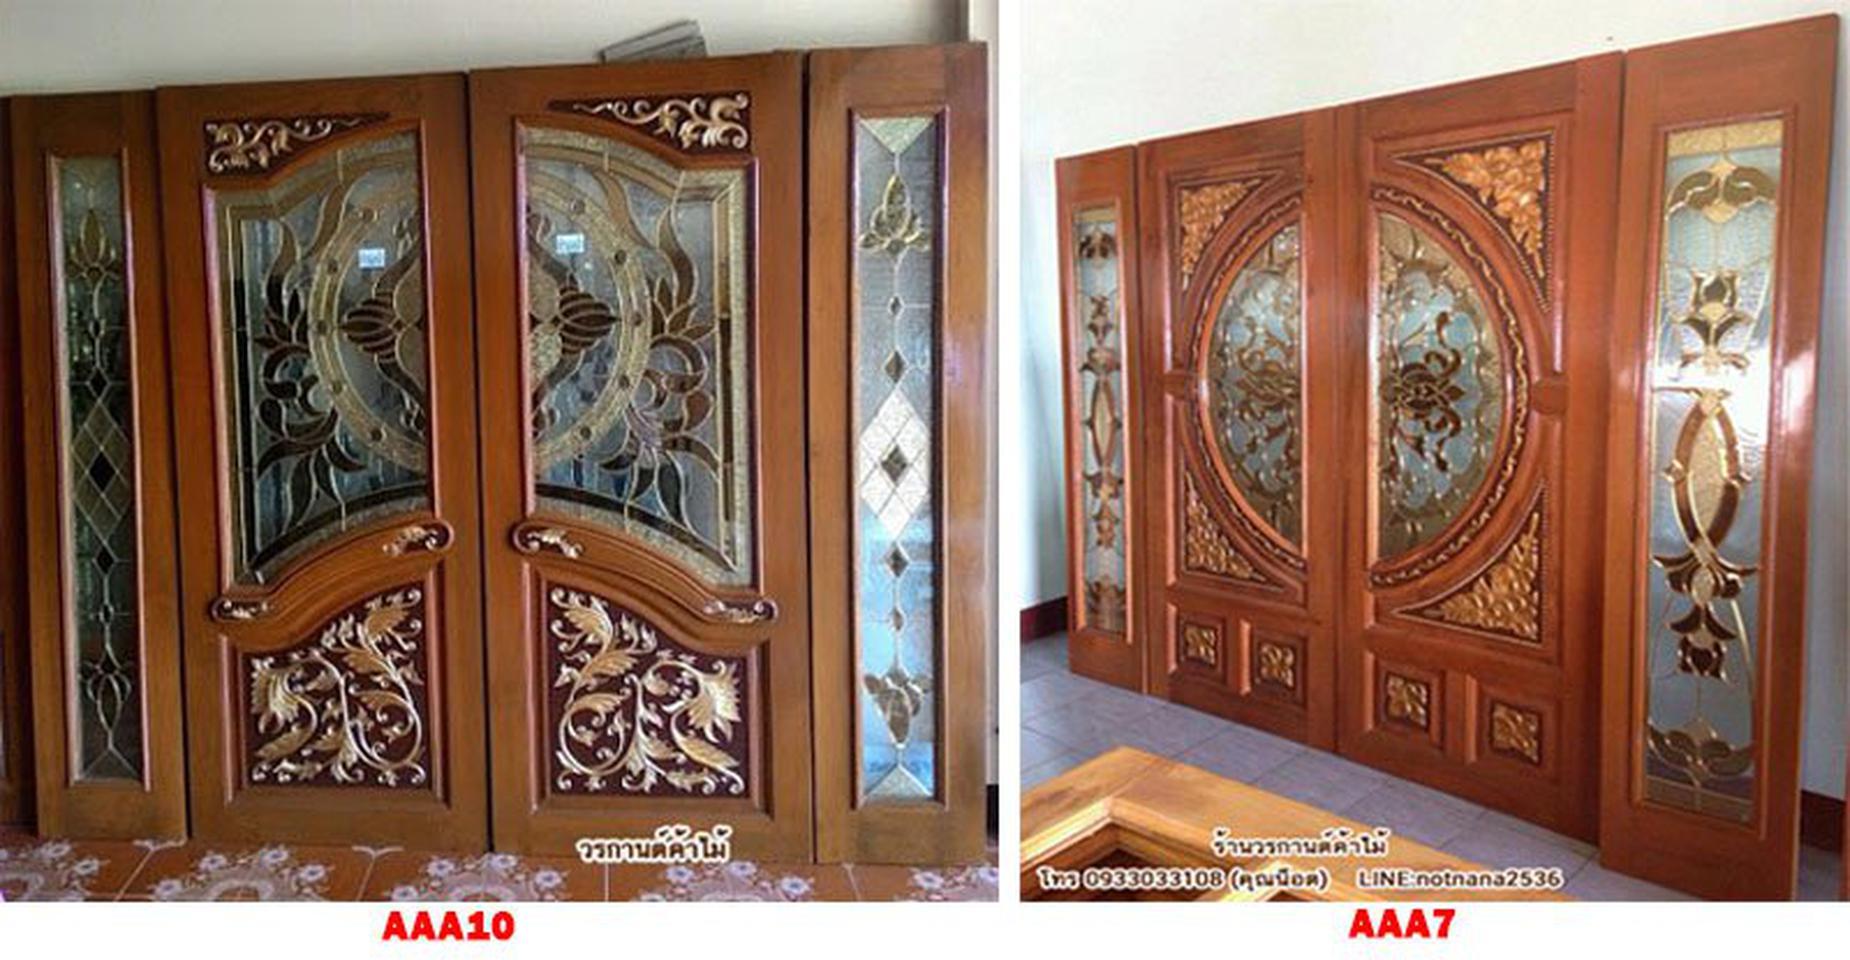 door-woodhome.com ประตูไม้สักกระจกนิรภัย,ประตูไม้สักโมเดิร์น, ประตูไม้สักบานเลื่อน, ประตูหน้าต่างไม้สัก รูปที่ 4